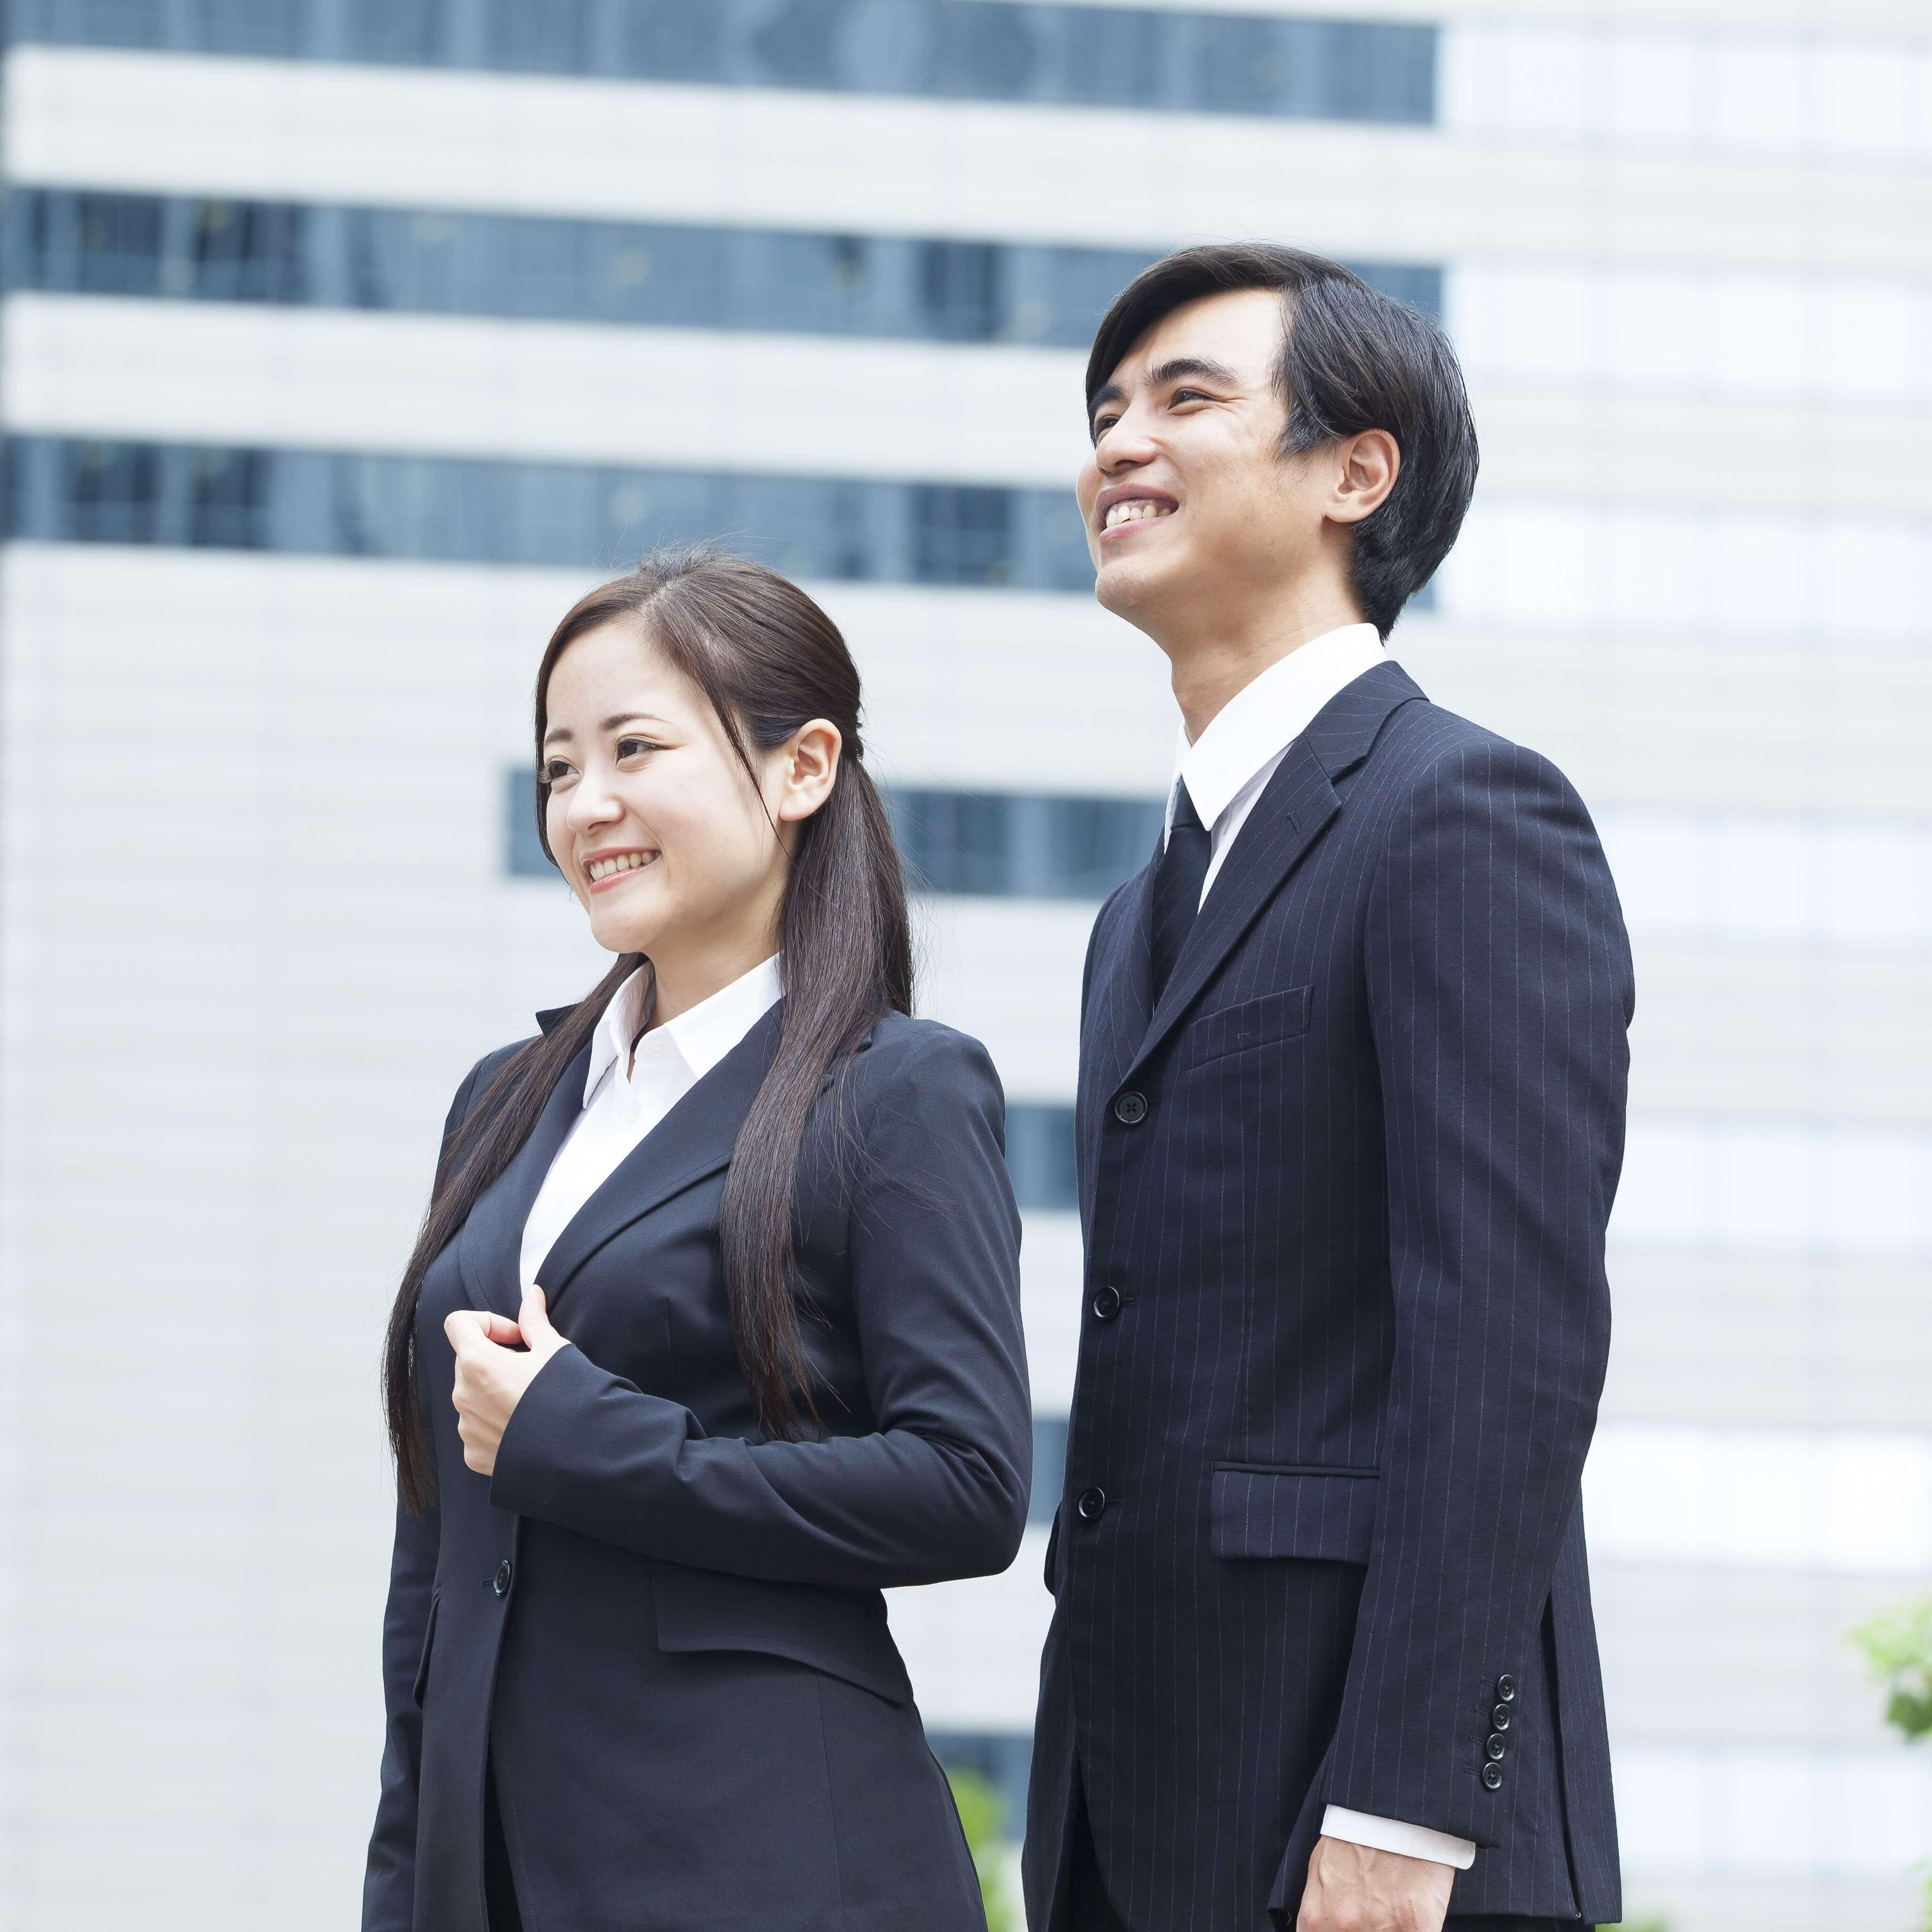 若い会社員の男女